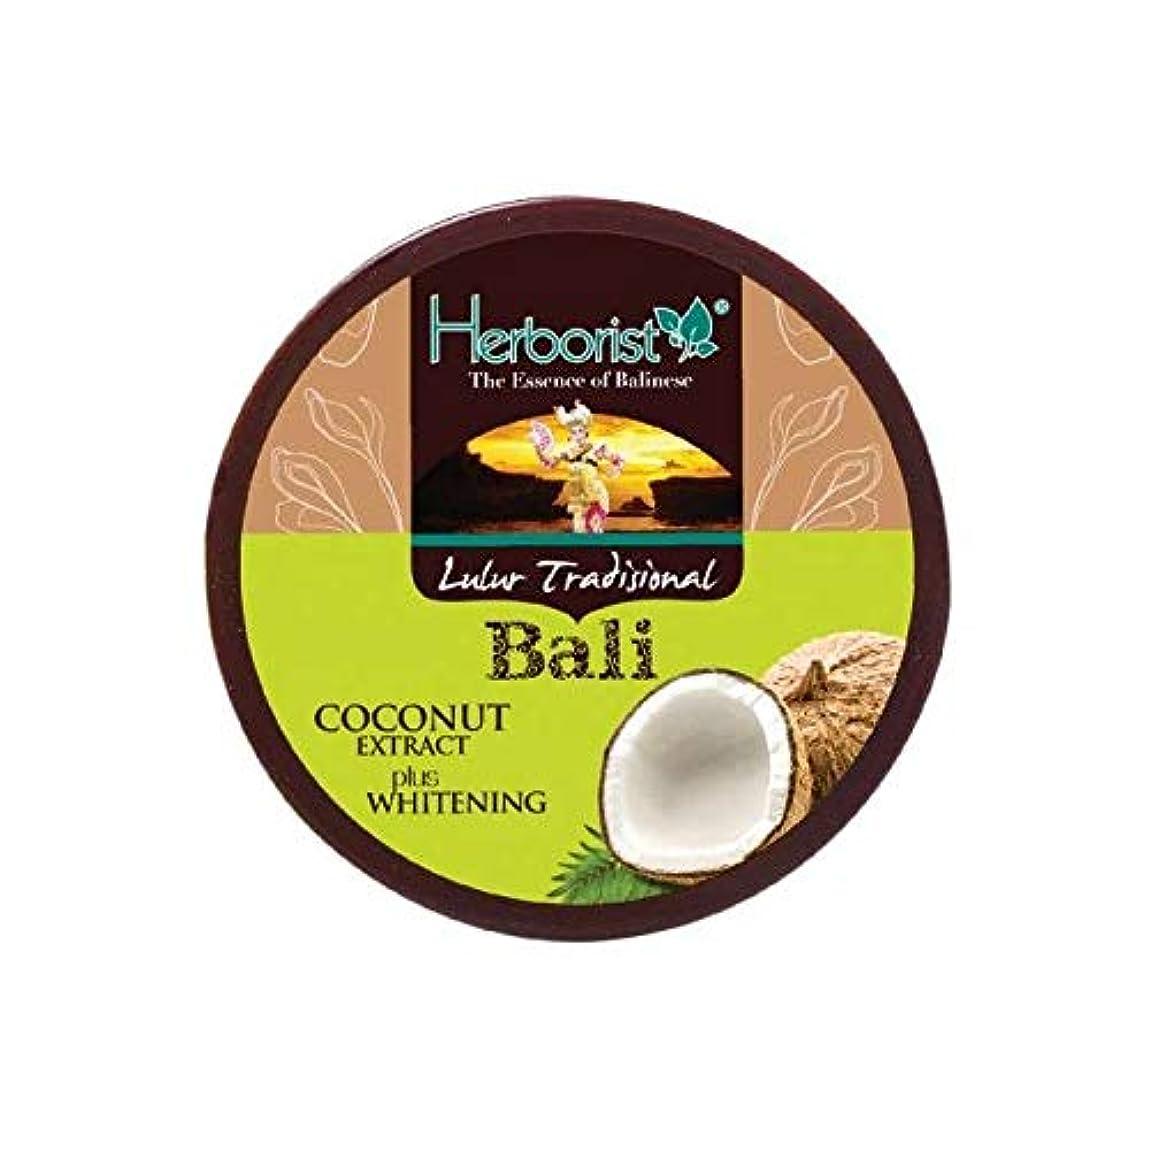 キャロラインジャーナリスト議会Herborist ハーボリスト インドネシアバリ島の伝統的なボディスクラブ Lulur Tradisional Bali ルルールトラディショナルバリ 100g Coconut ココナッツ [海外直送品]